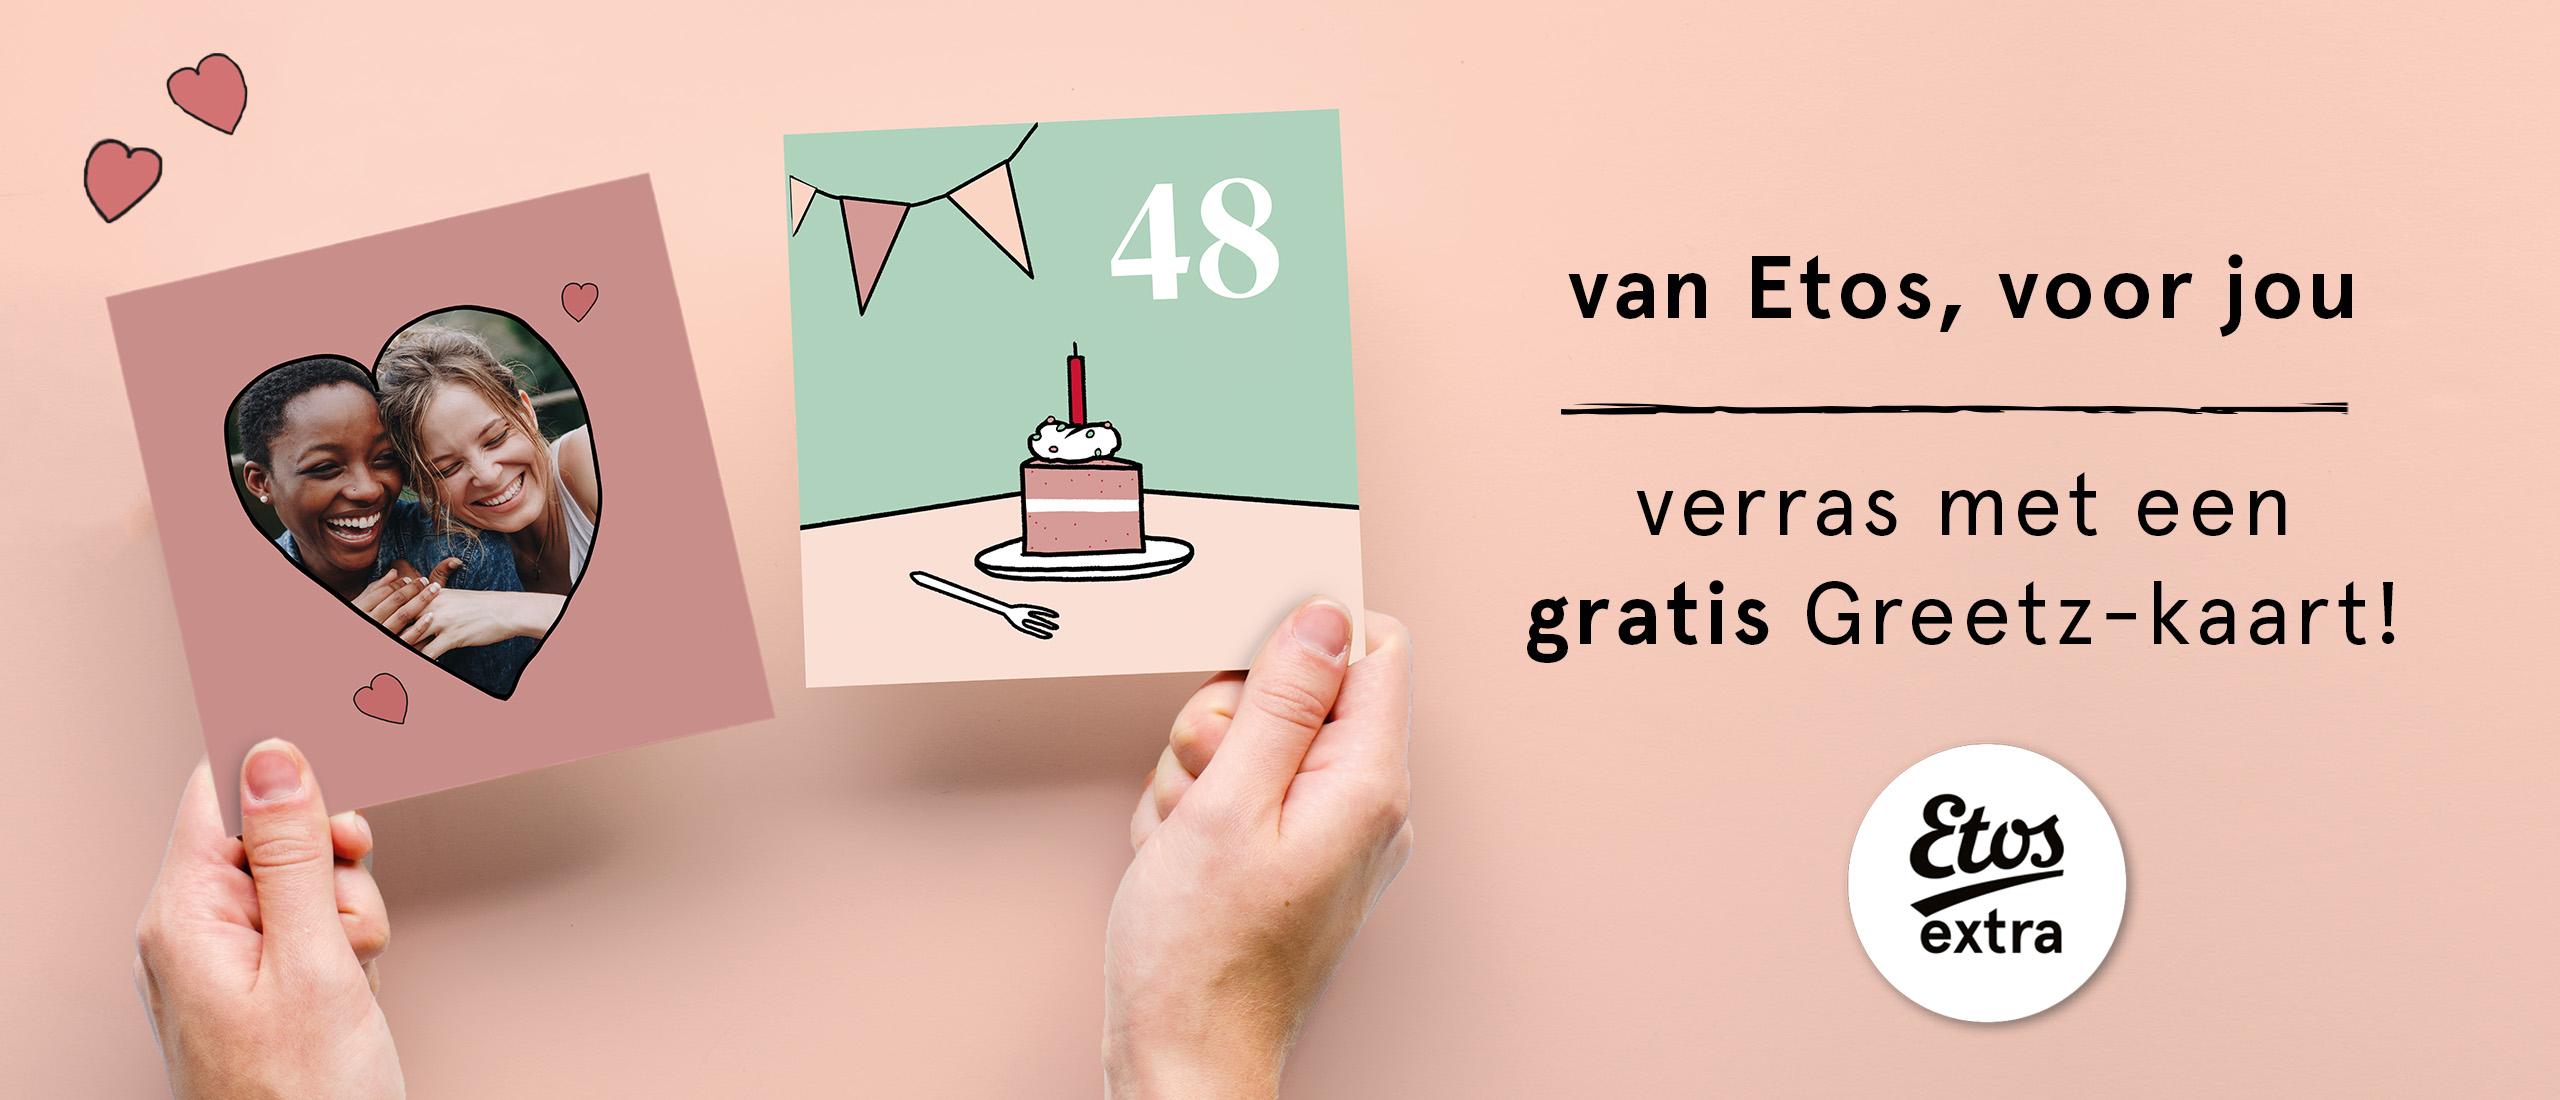 Gratis Etos kaart bij Greetz met code, ook voor niet-leden! Exclusief postzegel